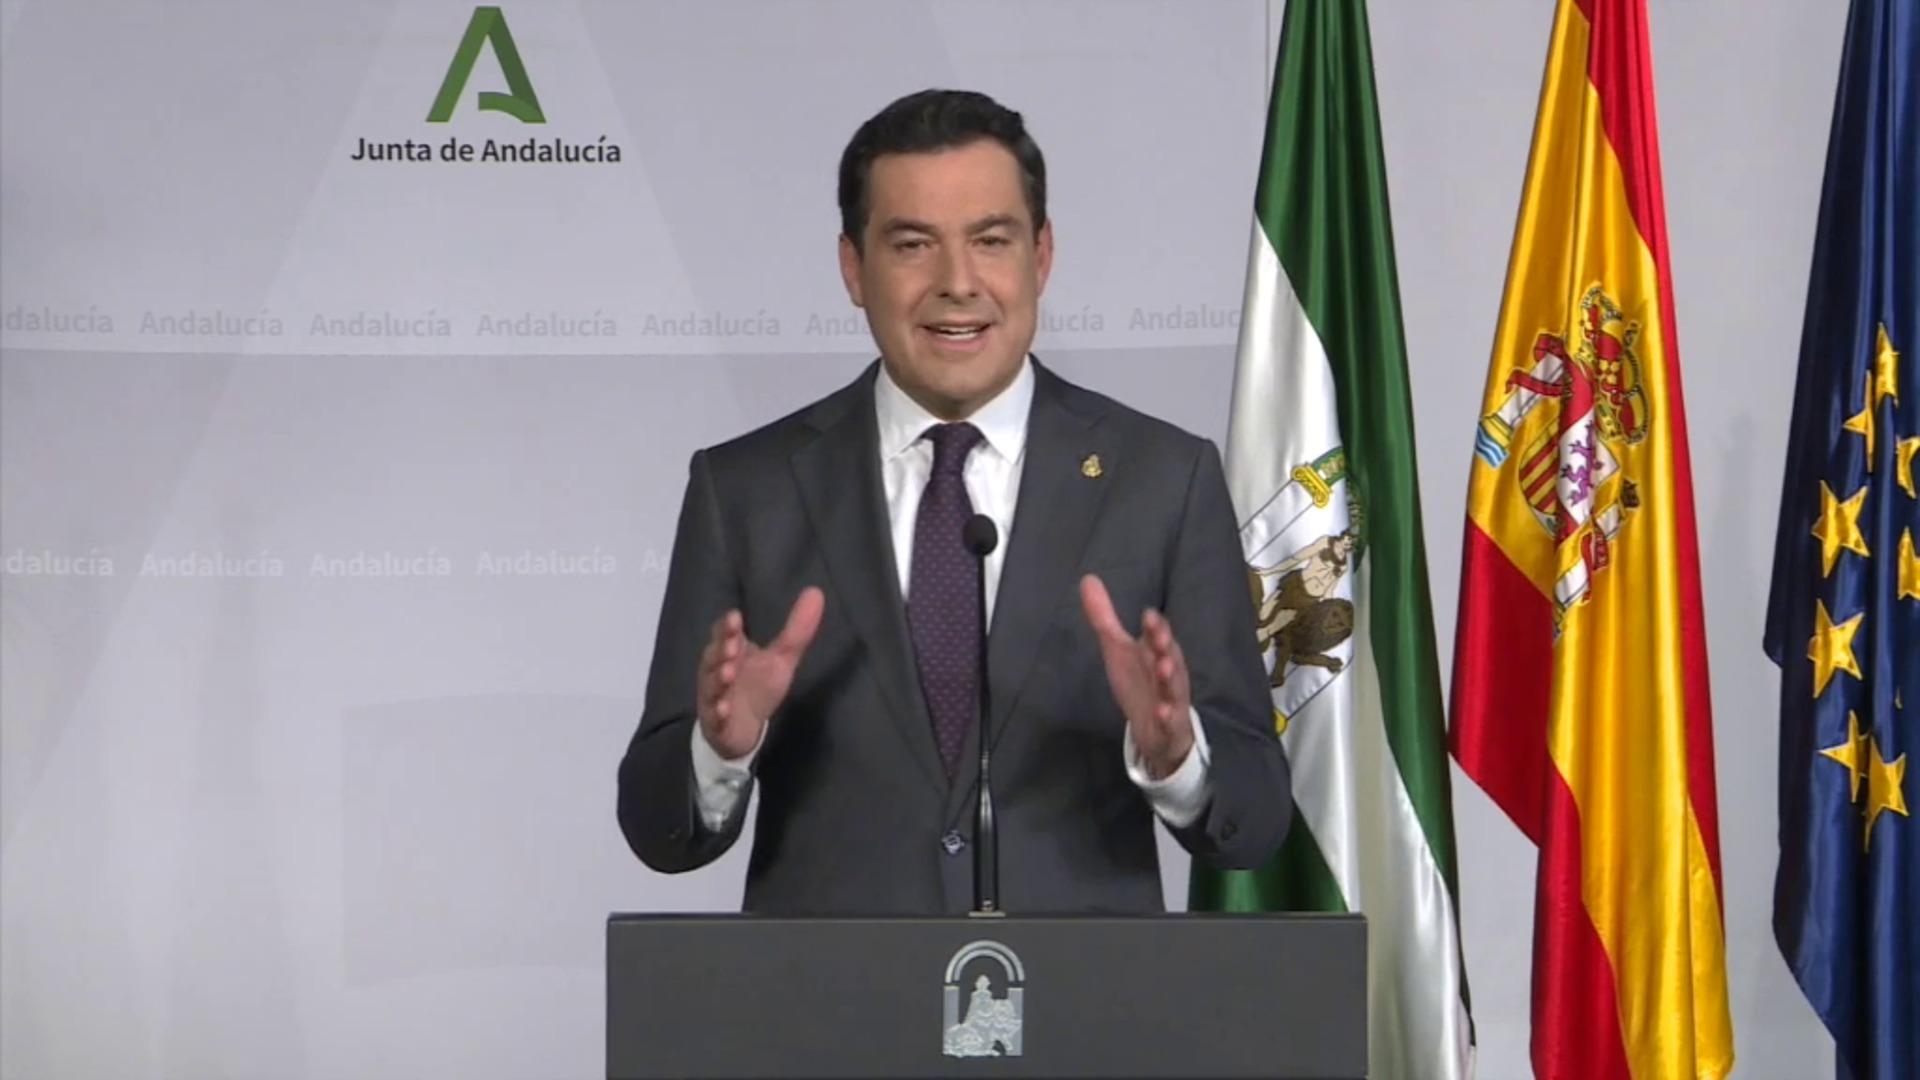 Nuevas medidas en Andalucía: Comparecencia completa del presidente de la Junta, Juanma Moreno